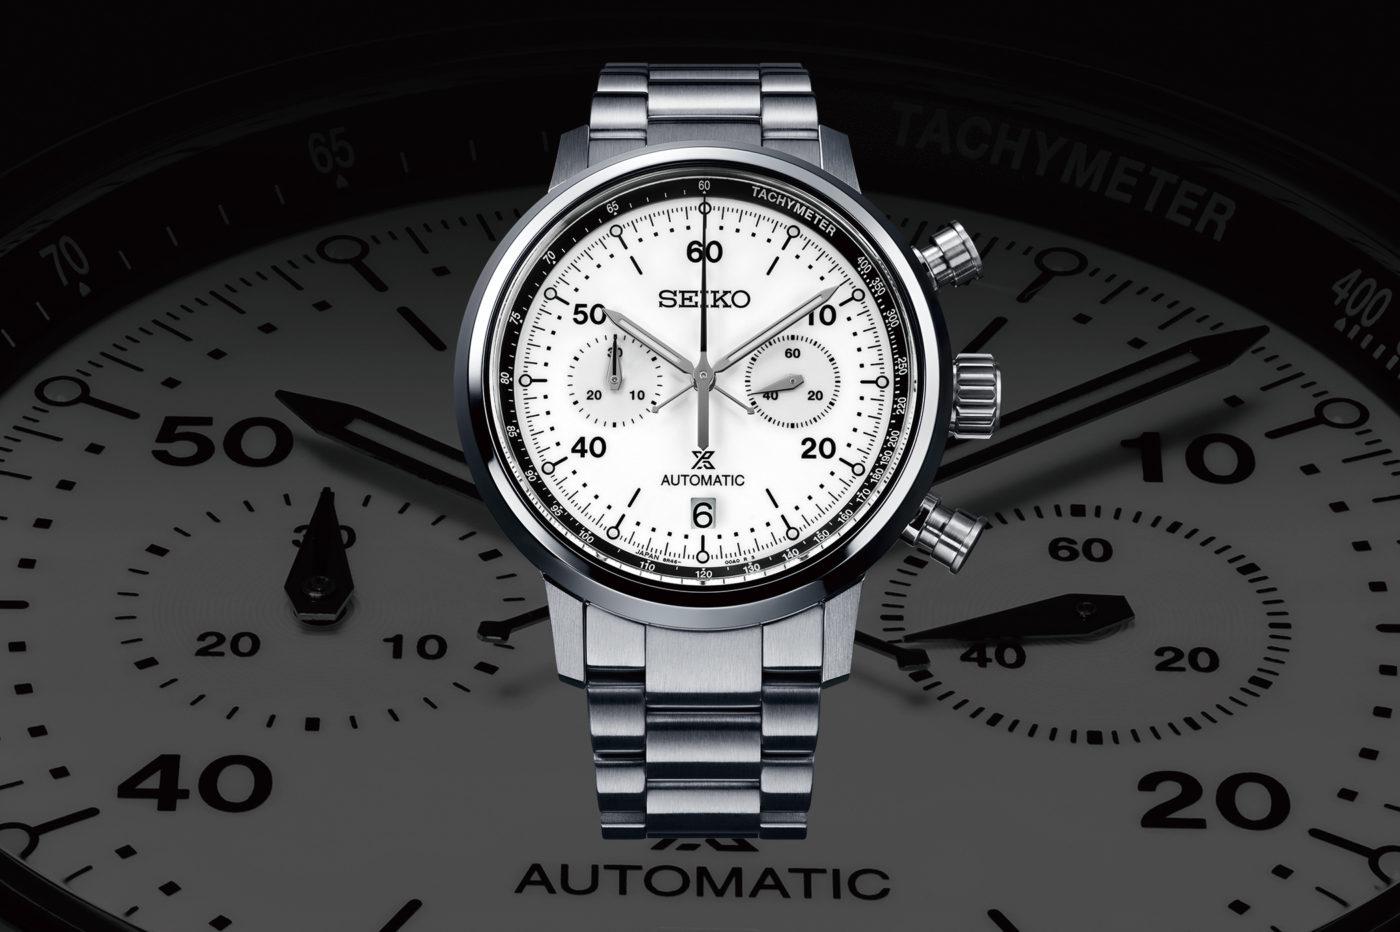 Seiko Speedtimer Chronograph w sześciu nowych odsłonach [dostępność, cena]